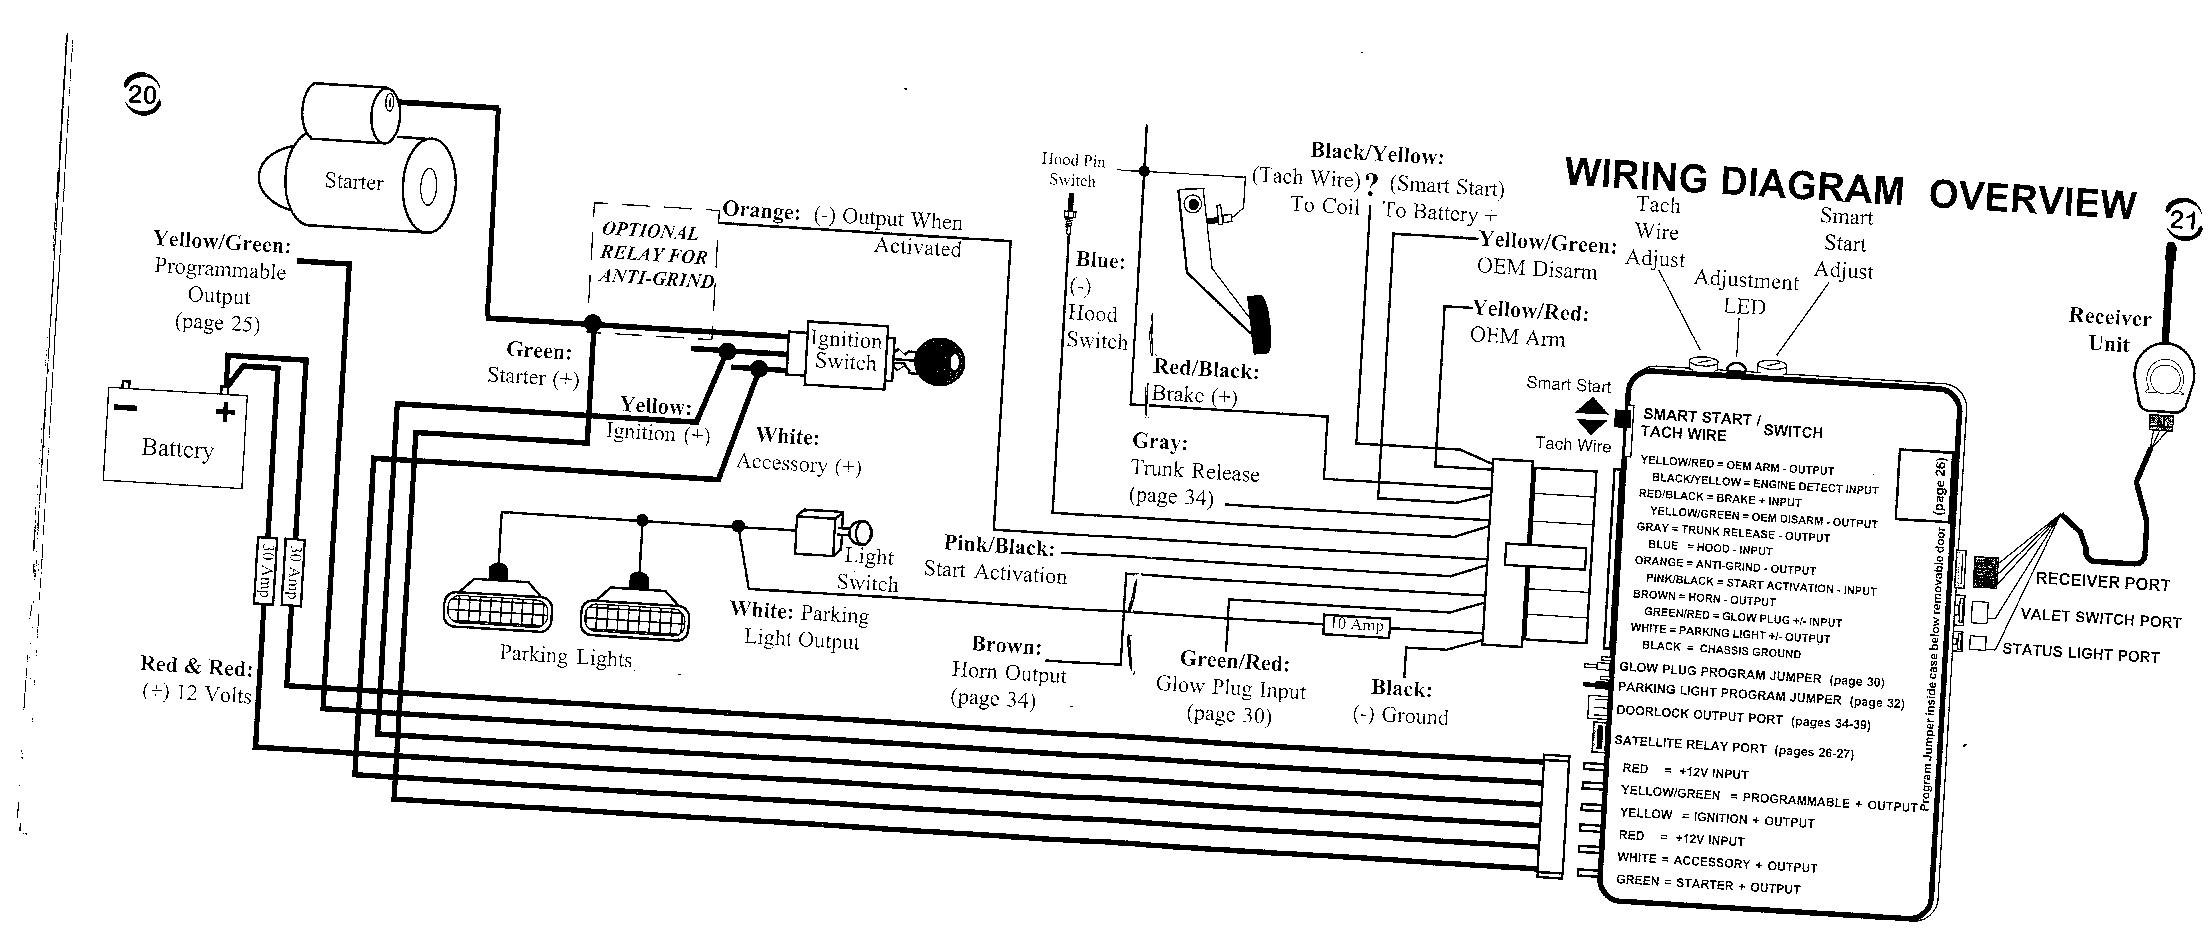 Remote Starter Wiring Diagram Motorcycle Remote Start Wiring Diagram Shahsramblings Of Remote Starter Wiring Diagram